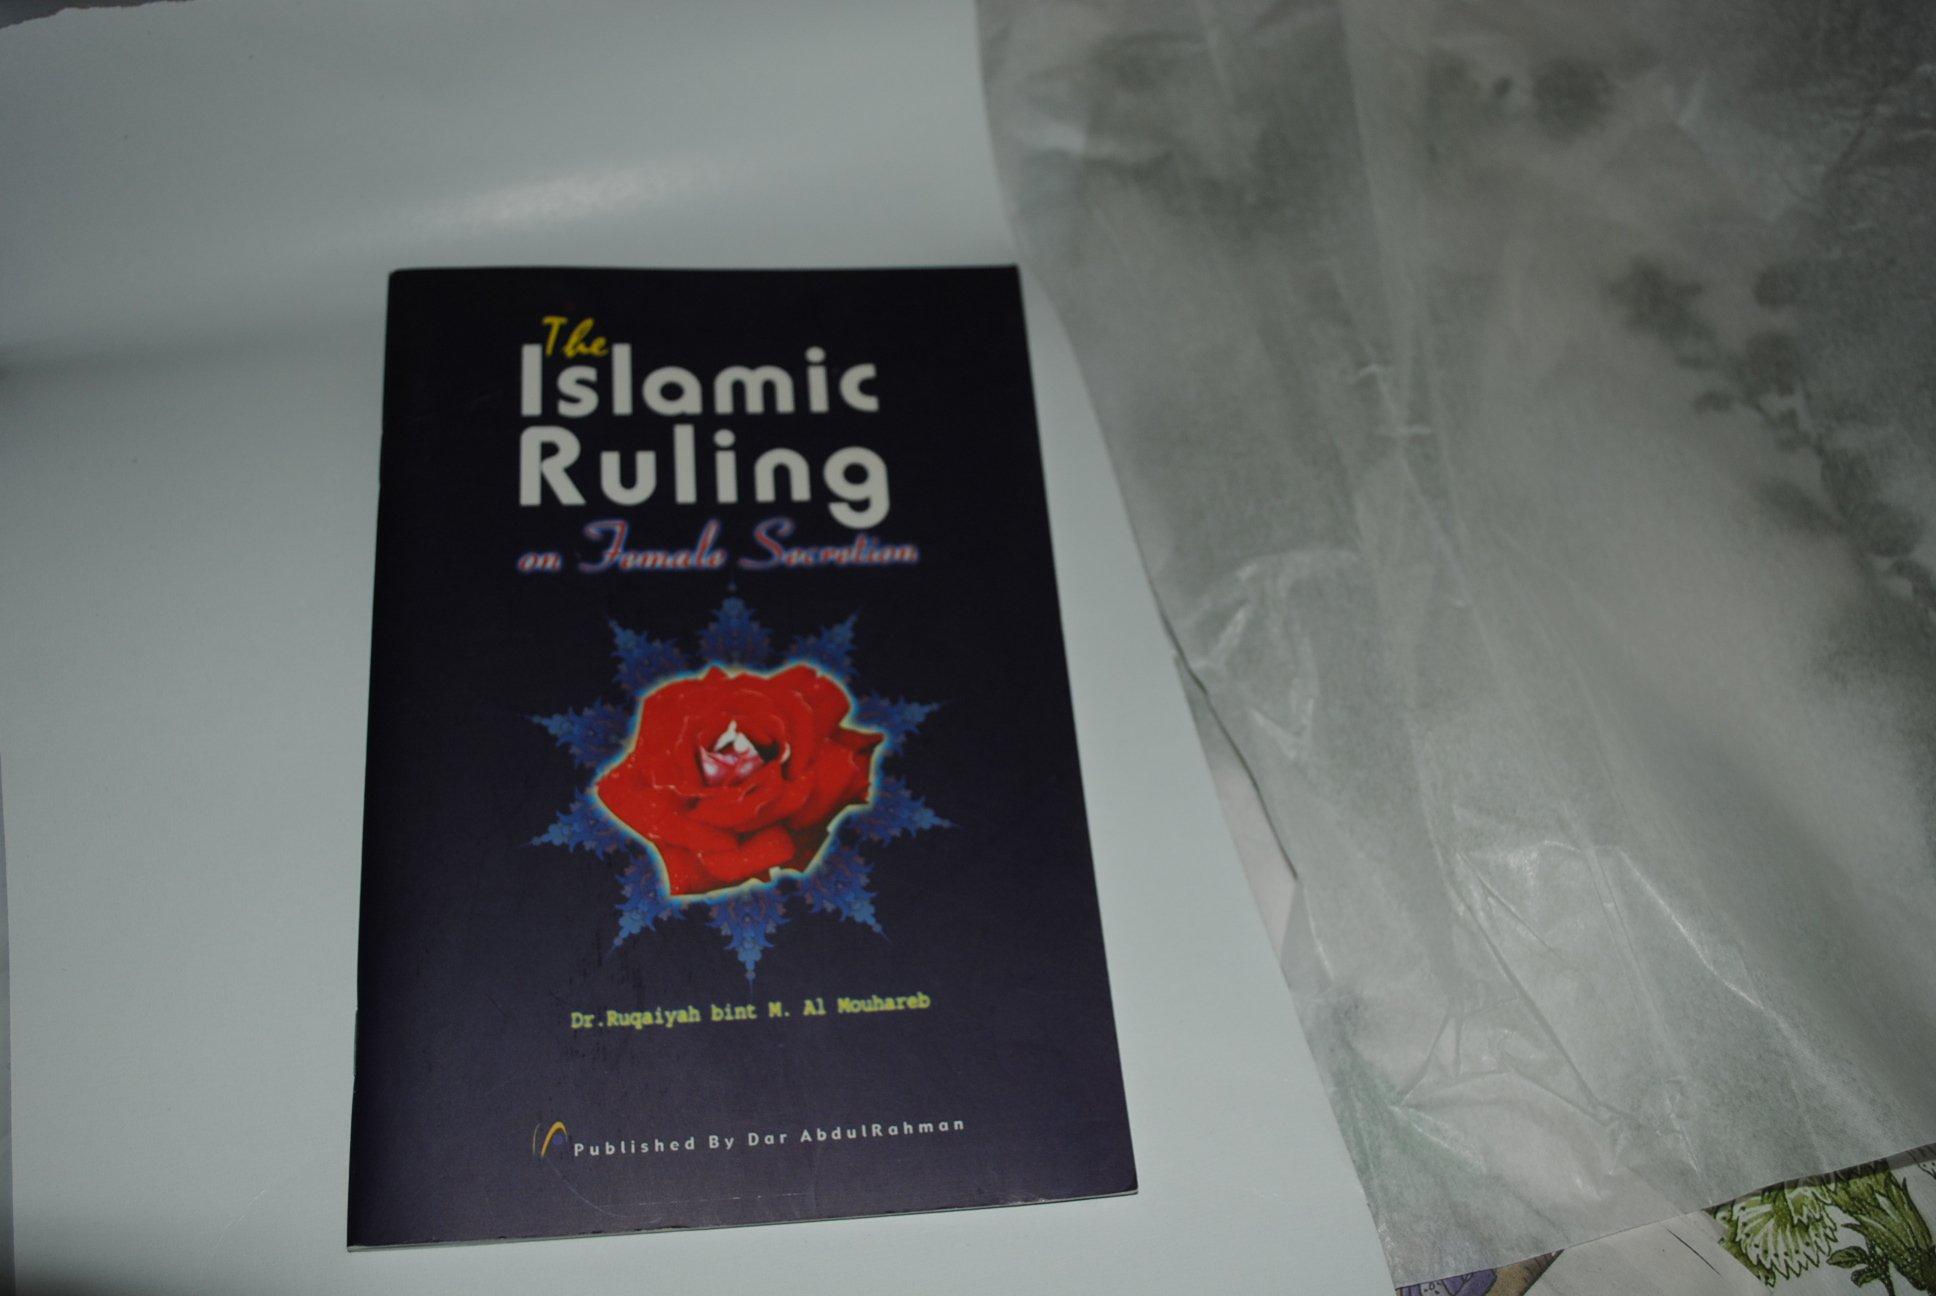 The Islamic Ruling on Female Secretion: Dr  Ruqaiyah Al